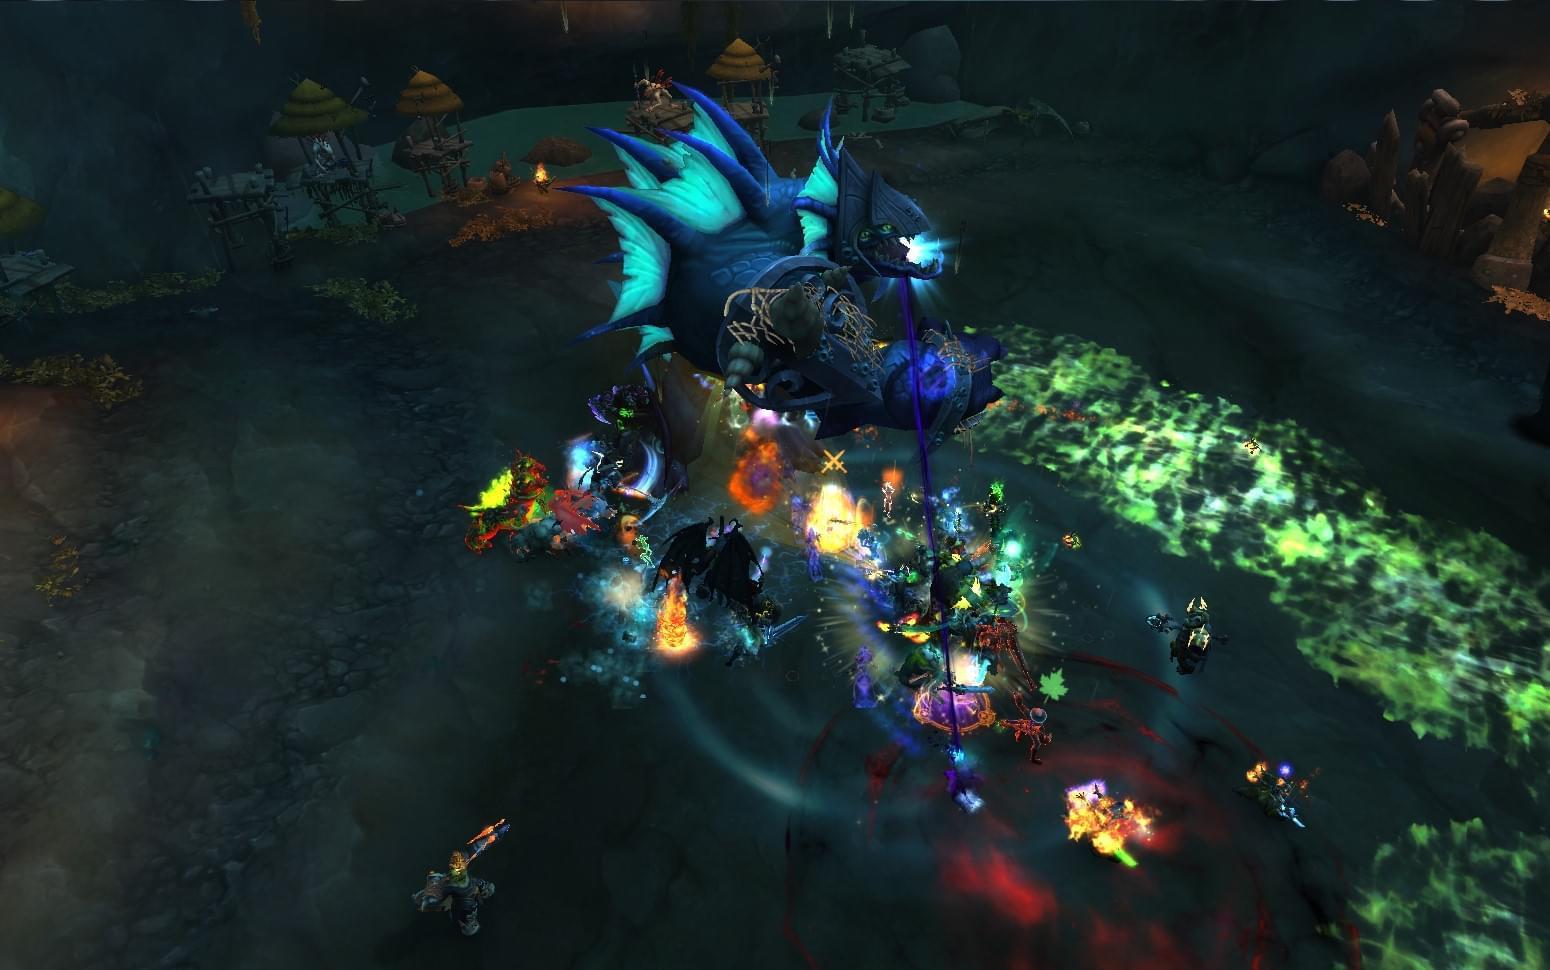 魔兽世界集合石活动回顾:带萌新闯萨墓